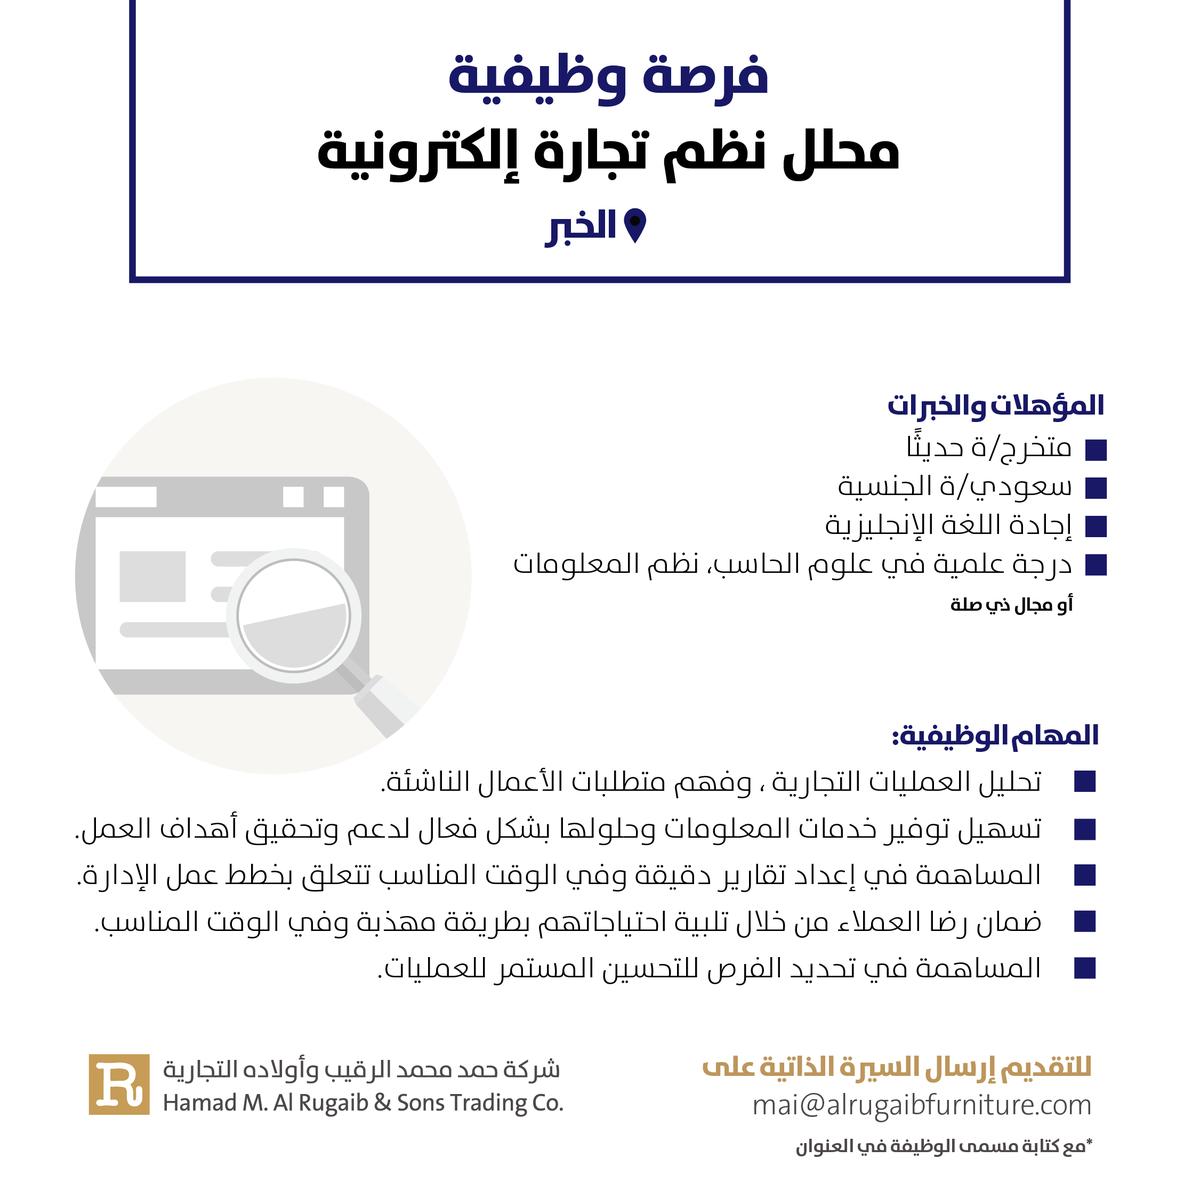 فرصة وظيفية💻 محلل نظم تجارة إلكترونية (الخبر) للتقديم: ارسال السيرة الذاتية على mai@alrugaibfurniture.com مع كتابة مسمى الوظيفة في العنوان  #وظائف #وظائف_الشرقية #تجارة_إلكترونية  #ecommerce #ecom #khobar #jobs https://t.co/DlT8XsvDiR